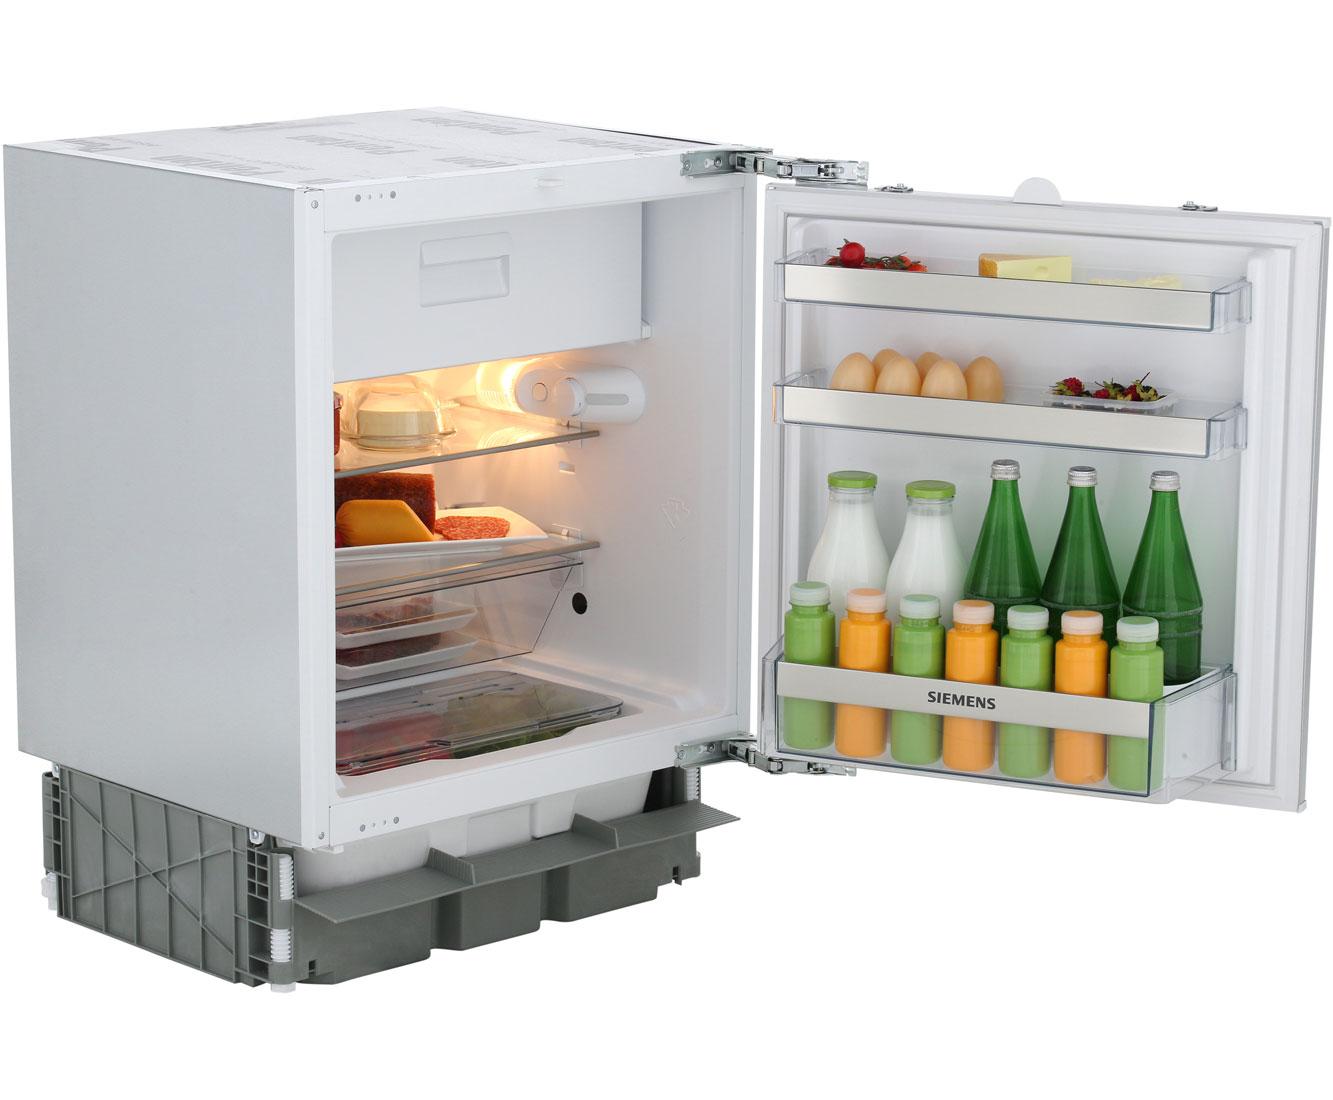 Siemens Kühlschrank Test : Kühlschrank preisvergleich günstig kühlschrank kaufen